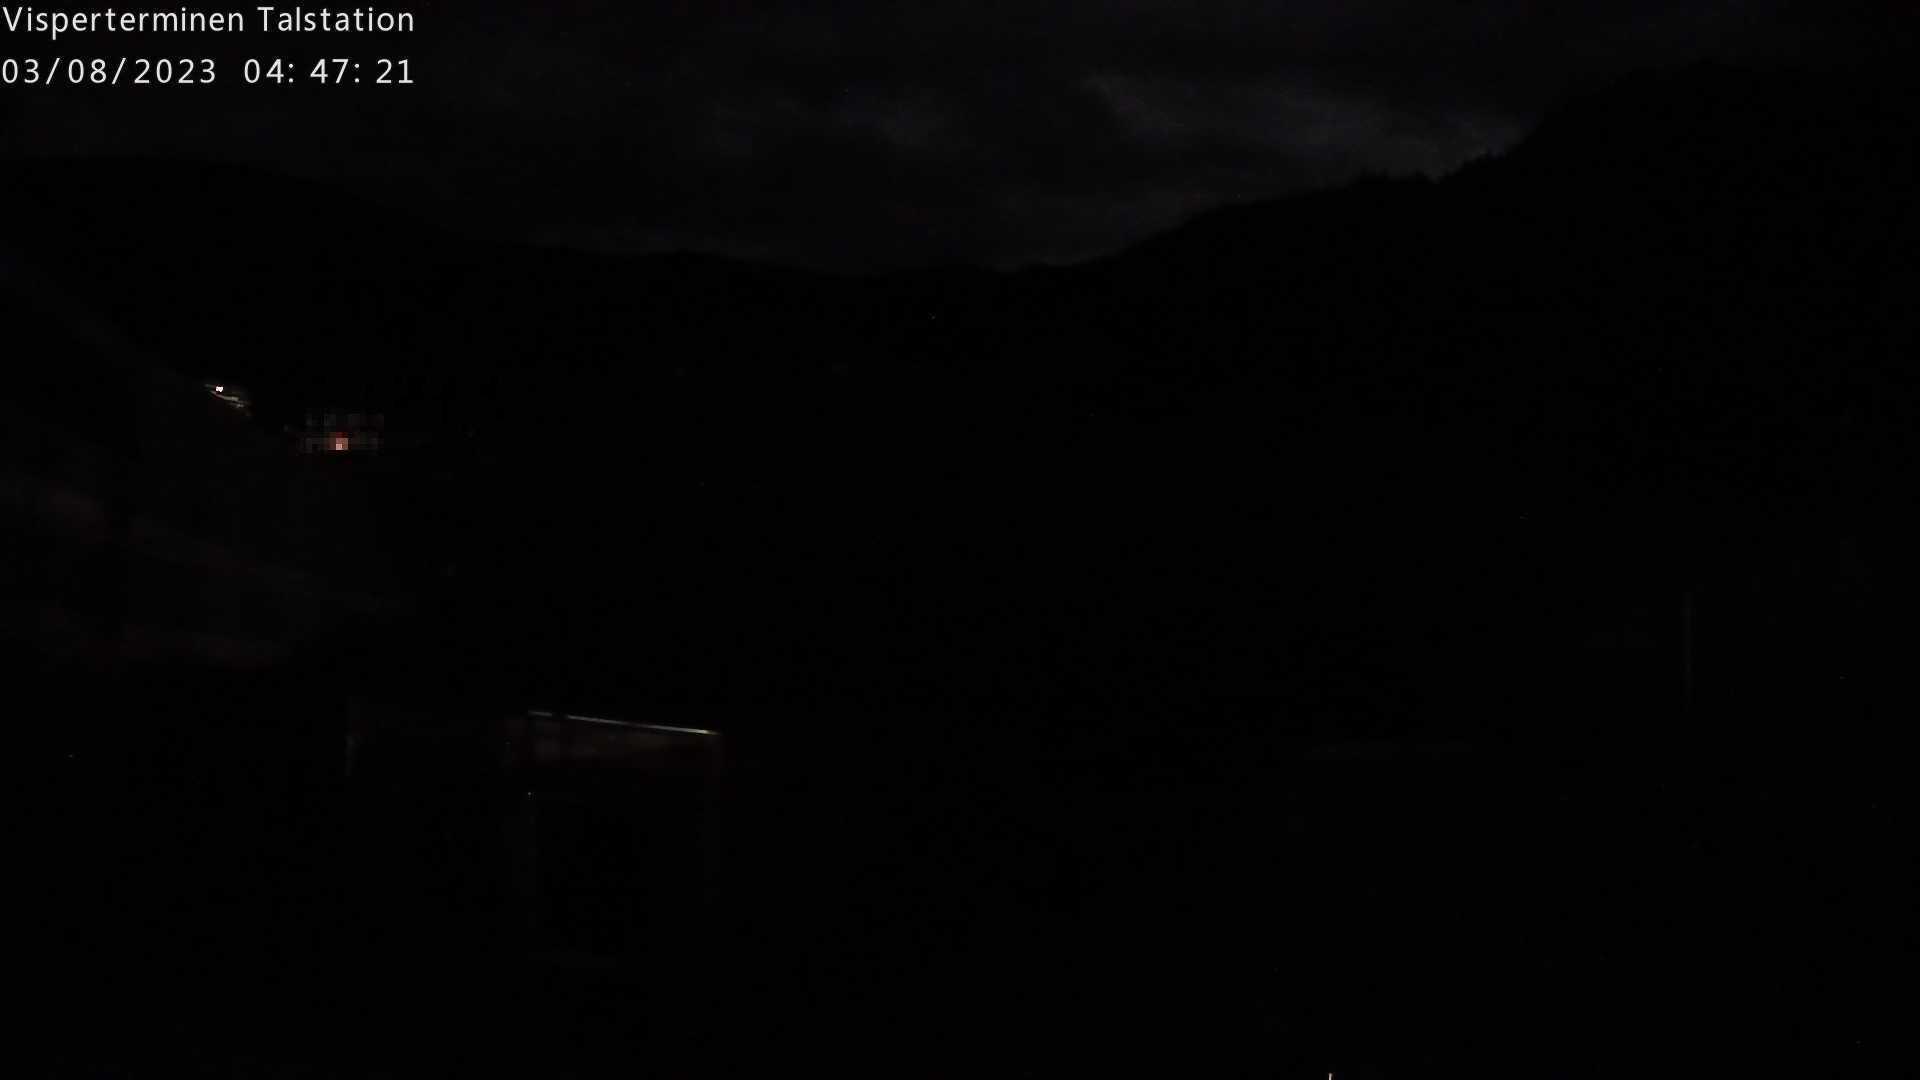 Goedkoop Badkamer Kruk : Meteo oberwallis u2013 deine wetterdaten und webcams aus der region